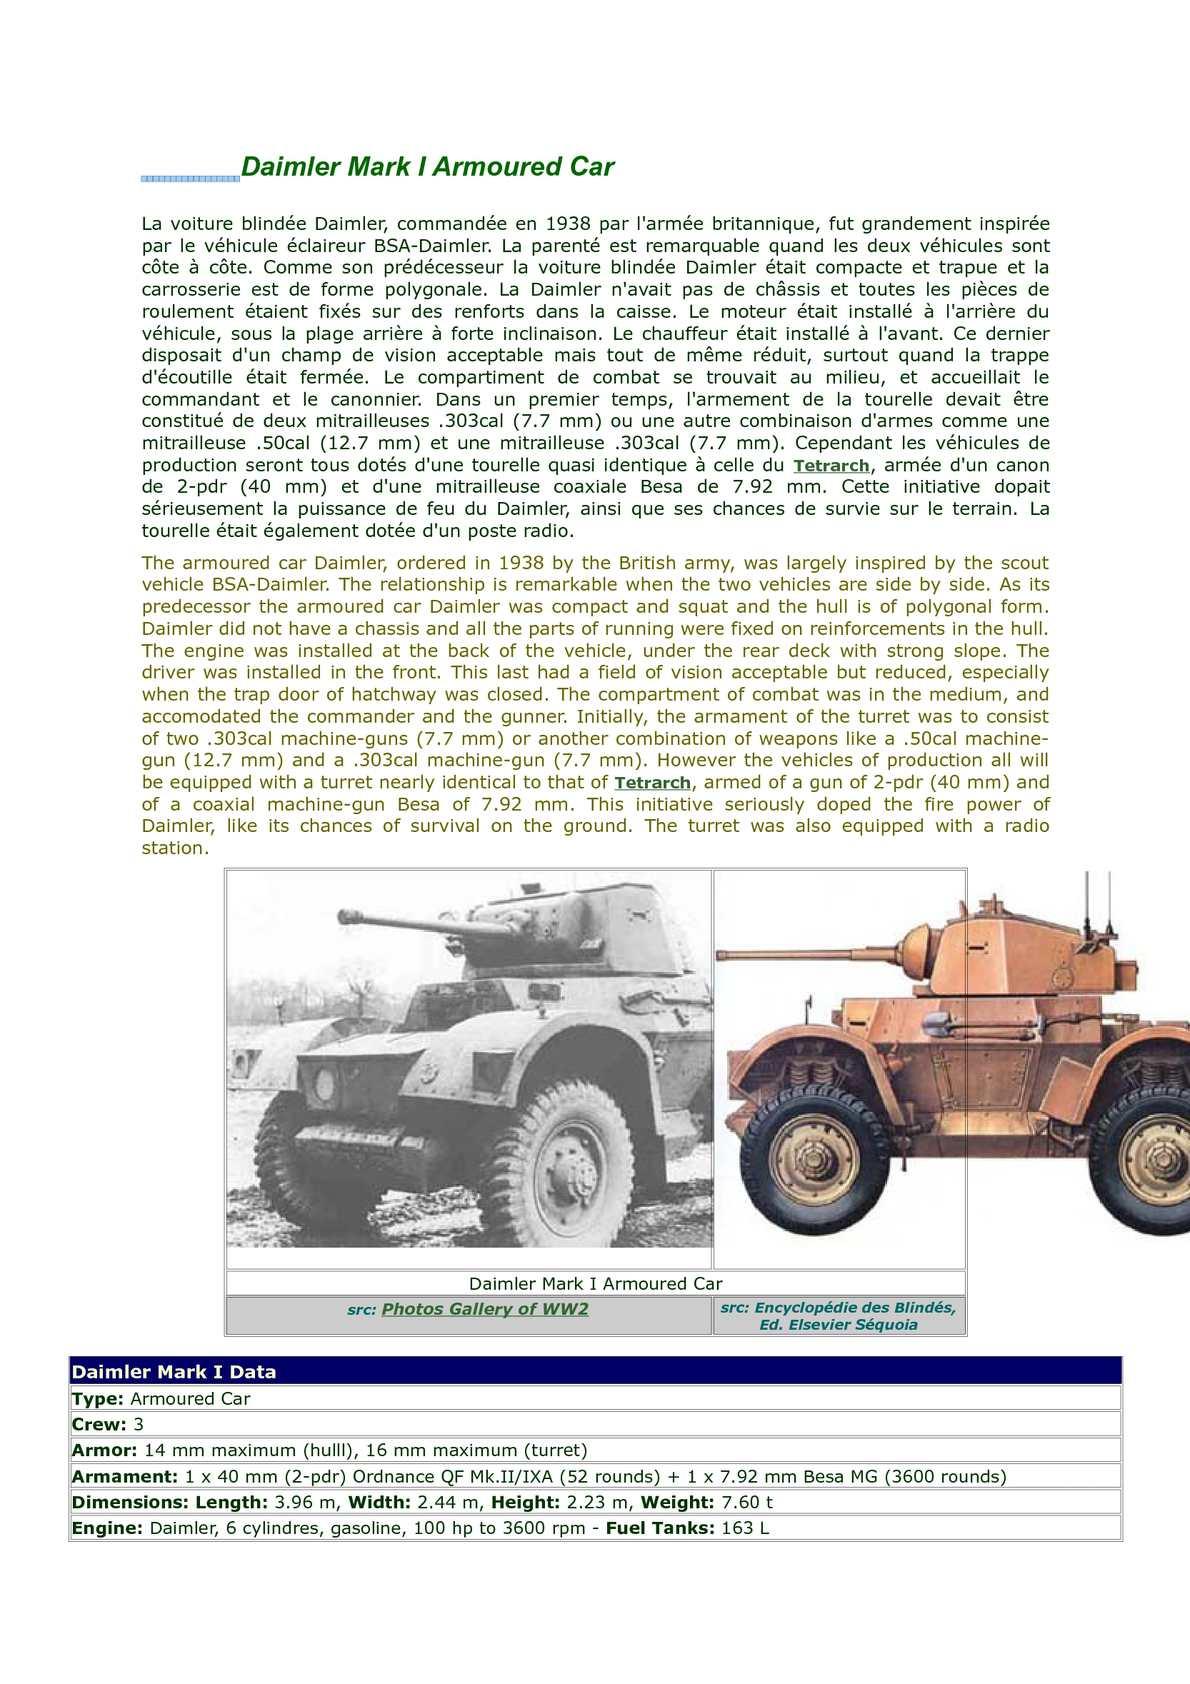 Daimler Mark I Armoured Car